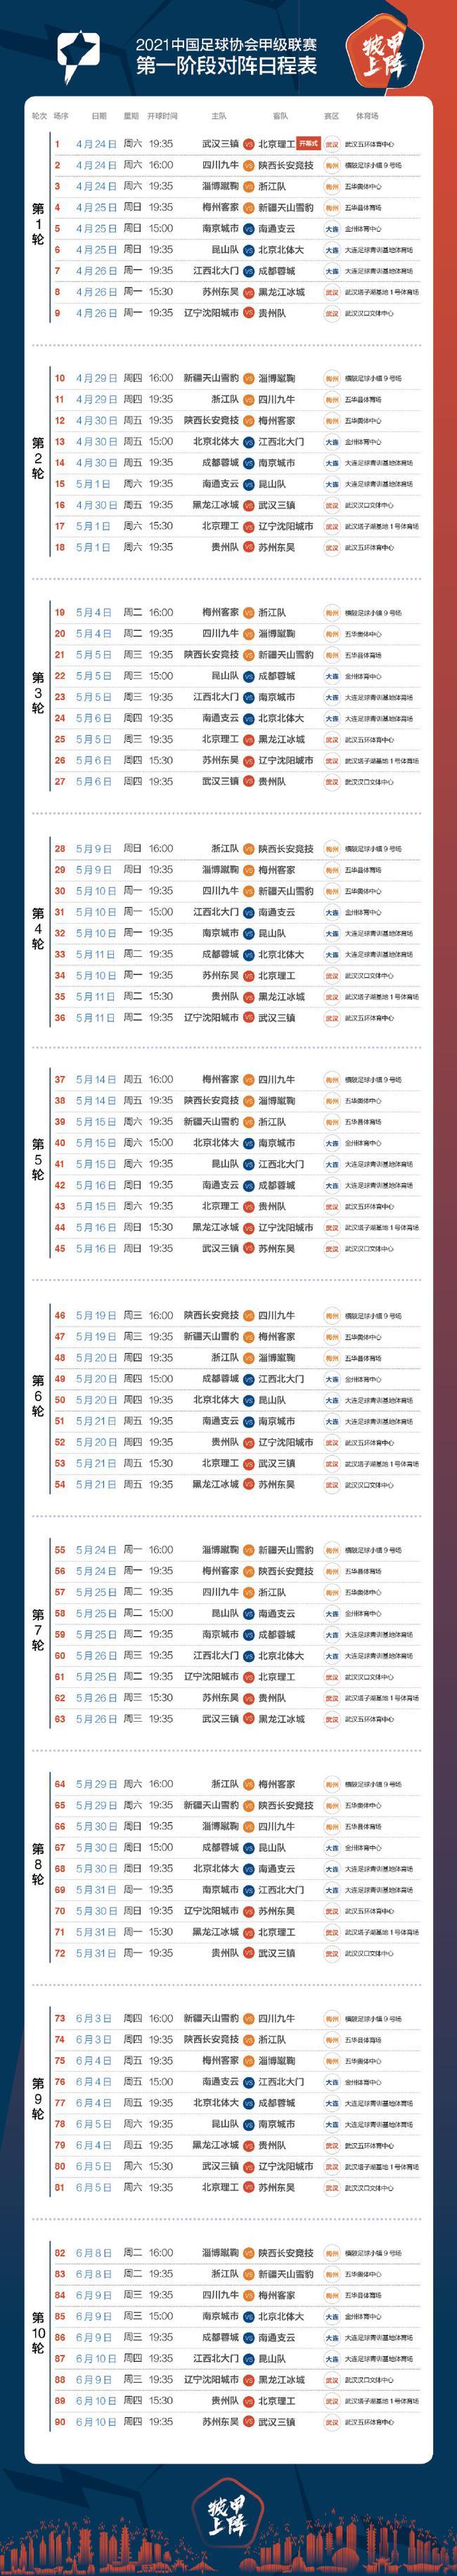 2021赛季中甲联赛首阶段赛程发布 武汉打响揭幕战